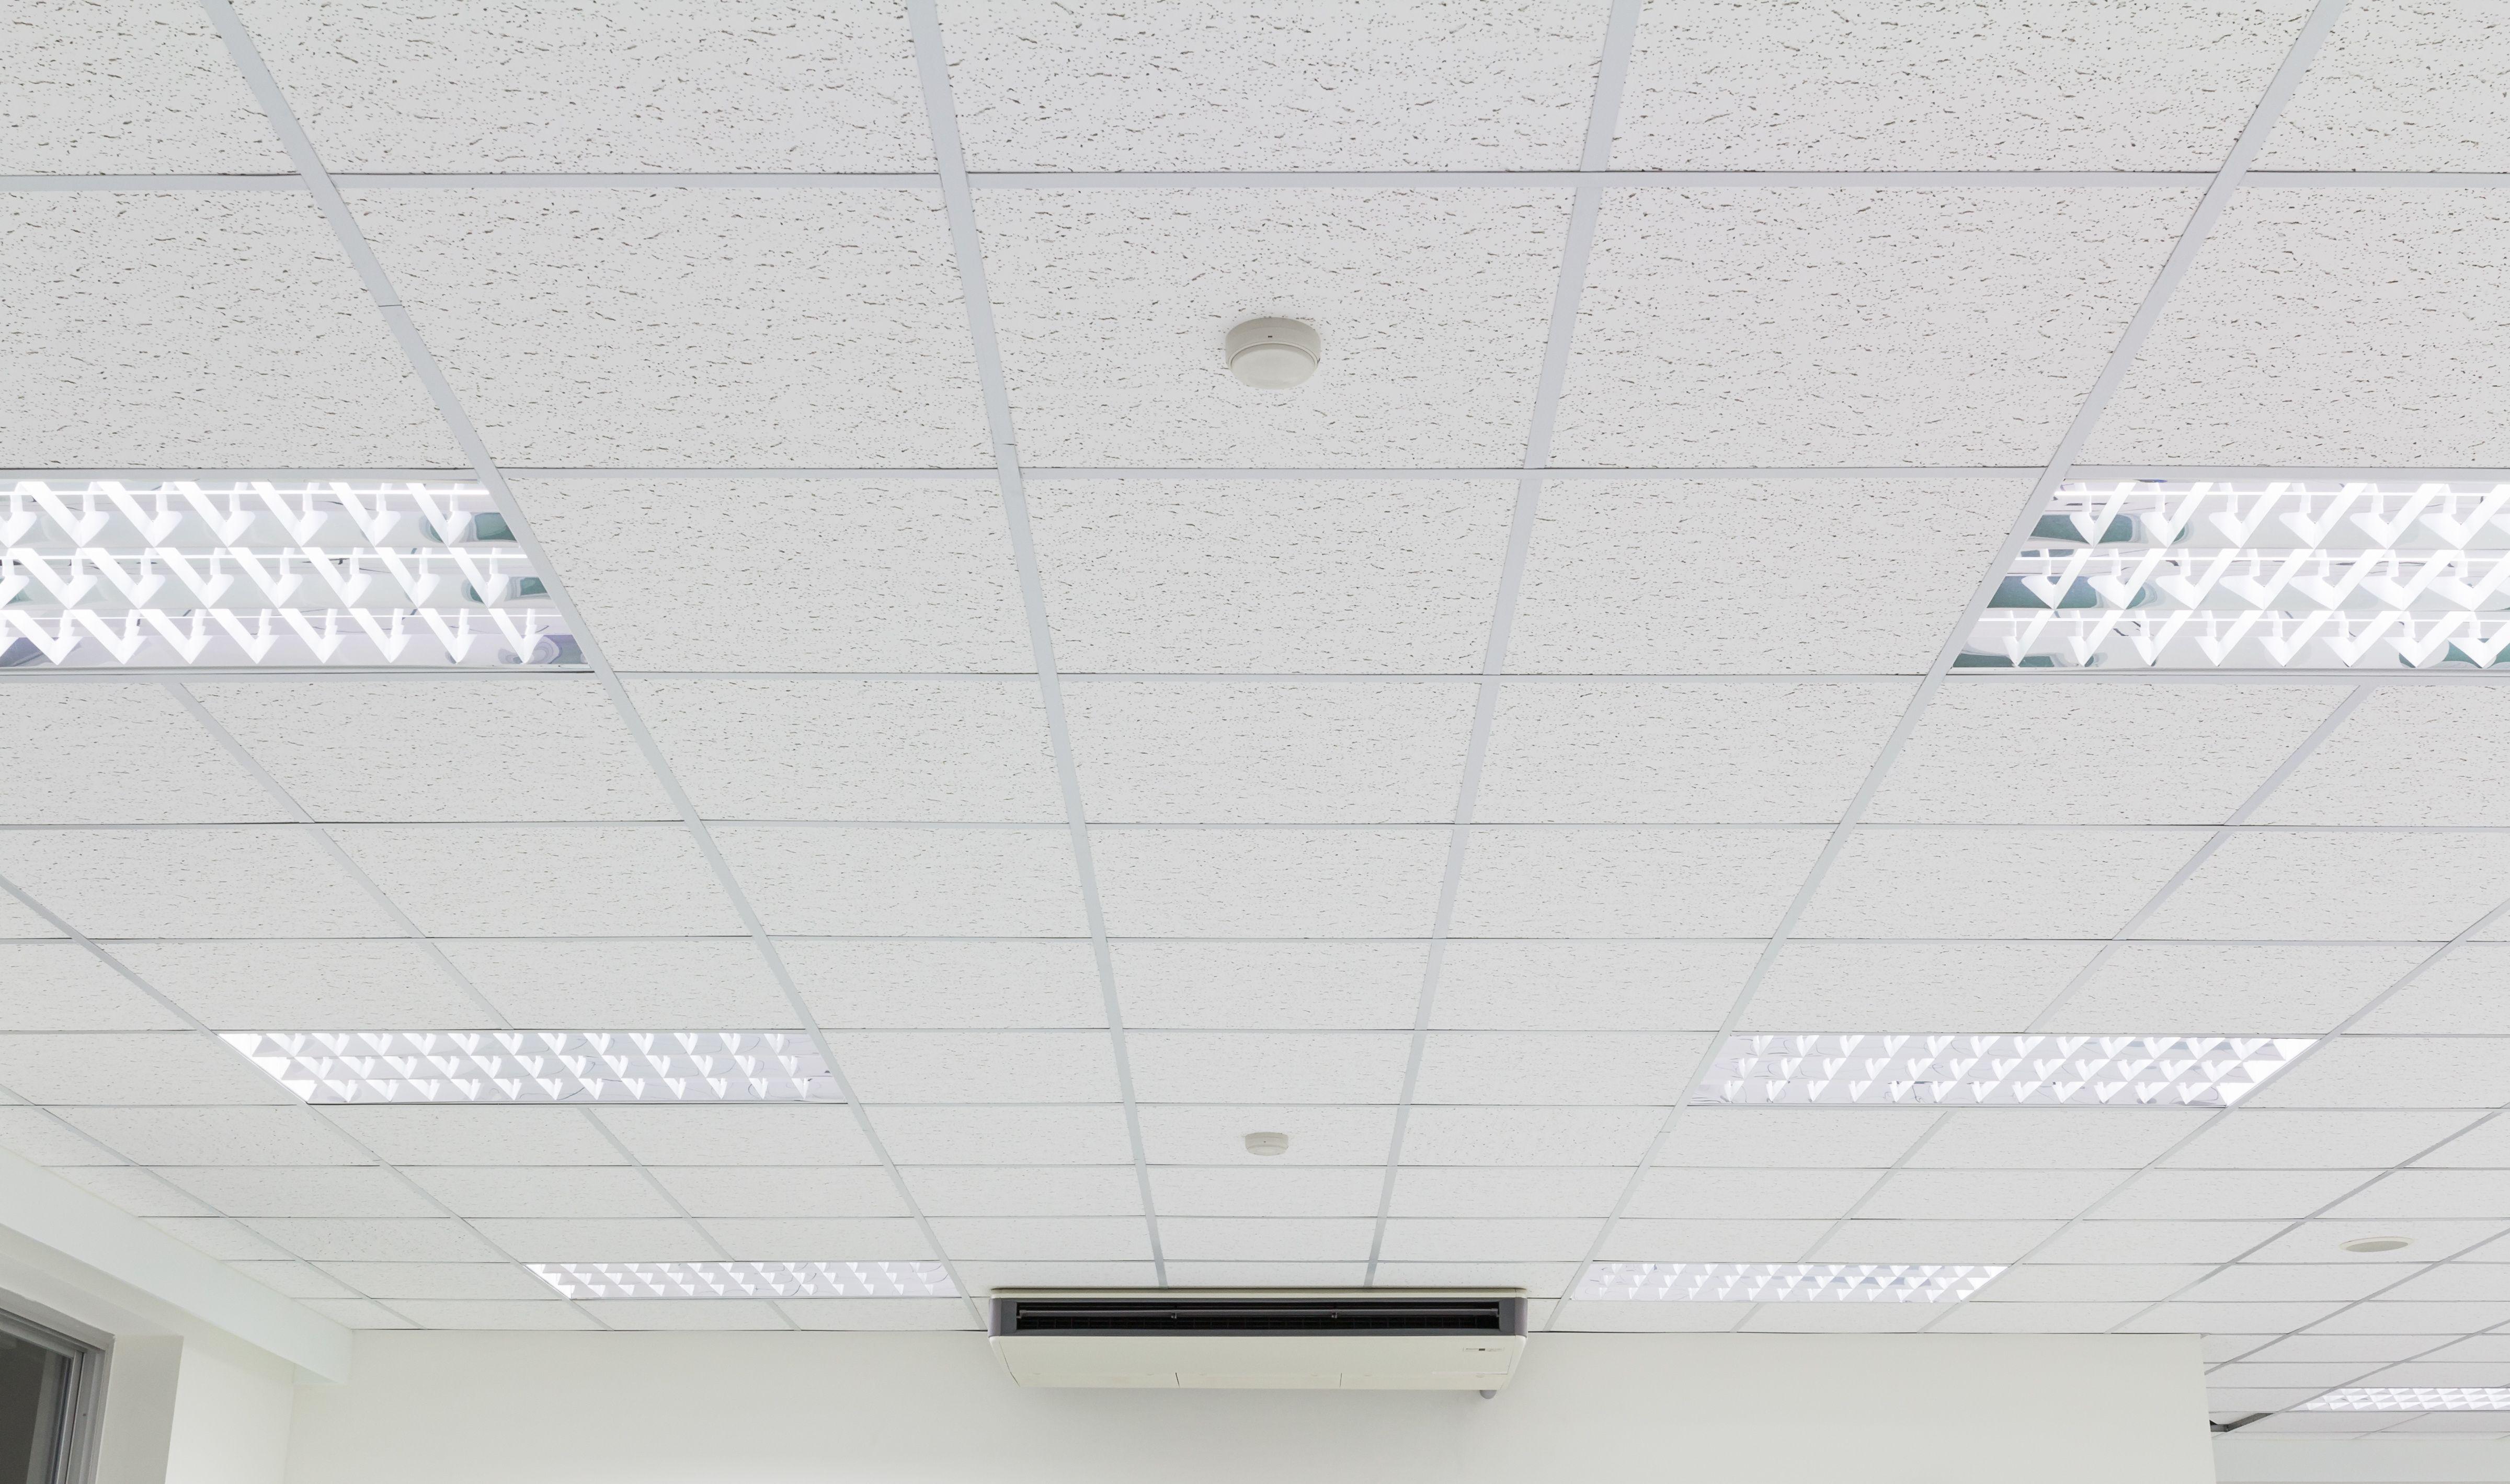 Schallschutz Und Schalldammung Mit Akustikdecken Der Anspruch Bei Akustikdeckensystemen Ist Kein Geringerer Als Akustikdecke Moderne Decken Deckenarchitektur